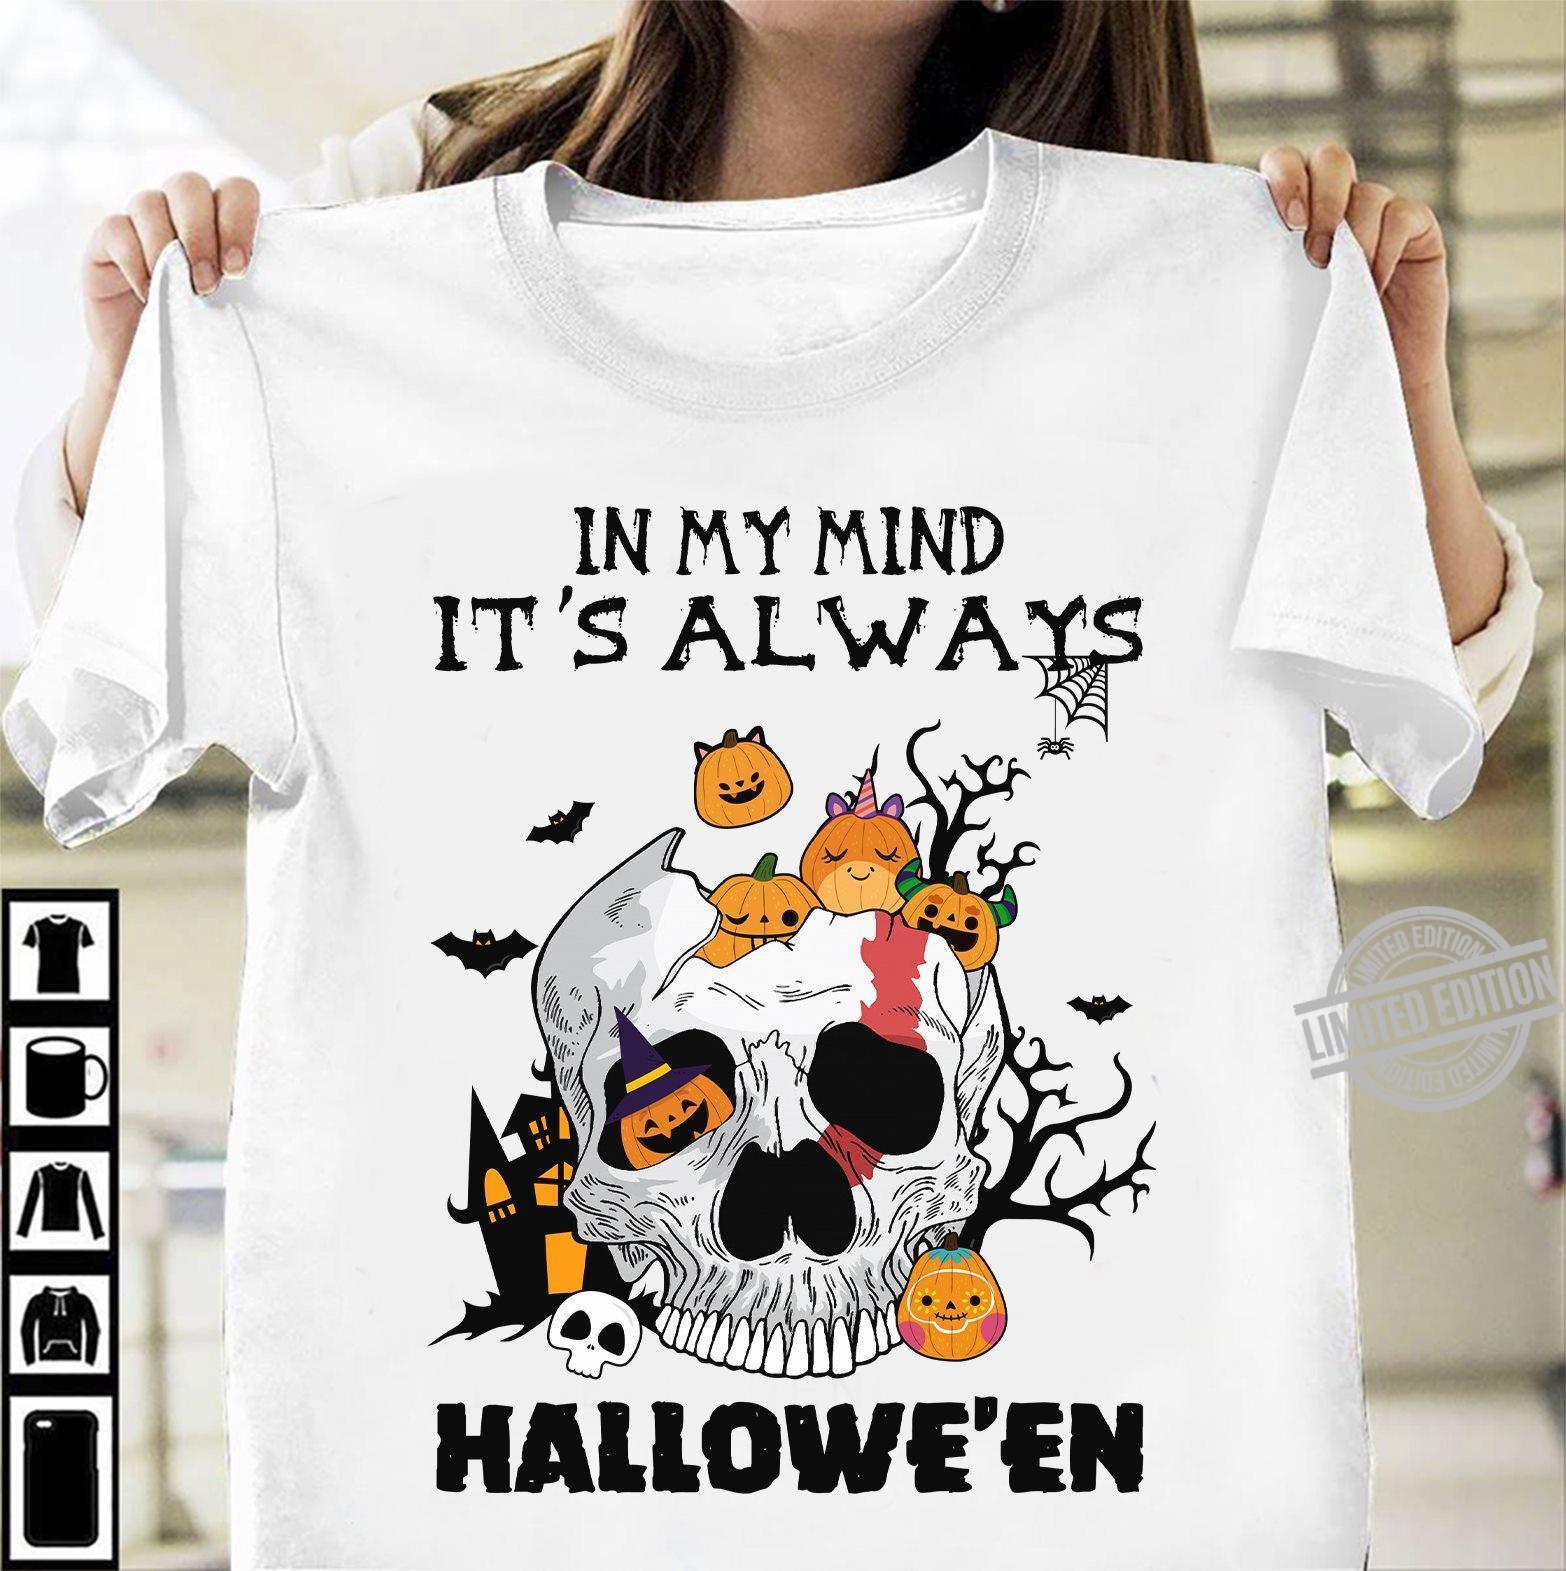 In My Mind It's Always Hallowe'en Shirt